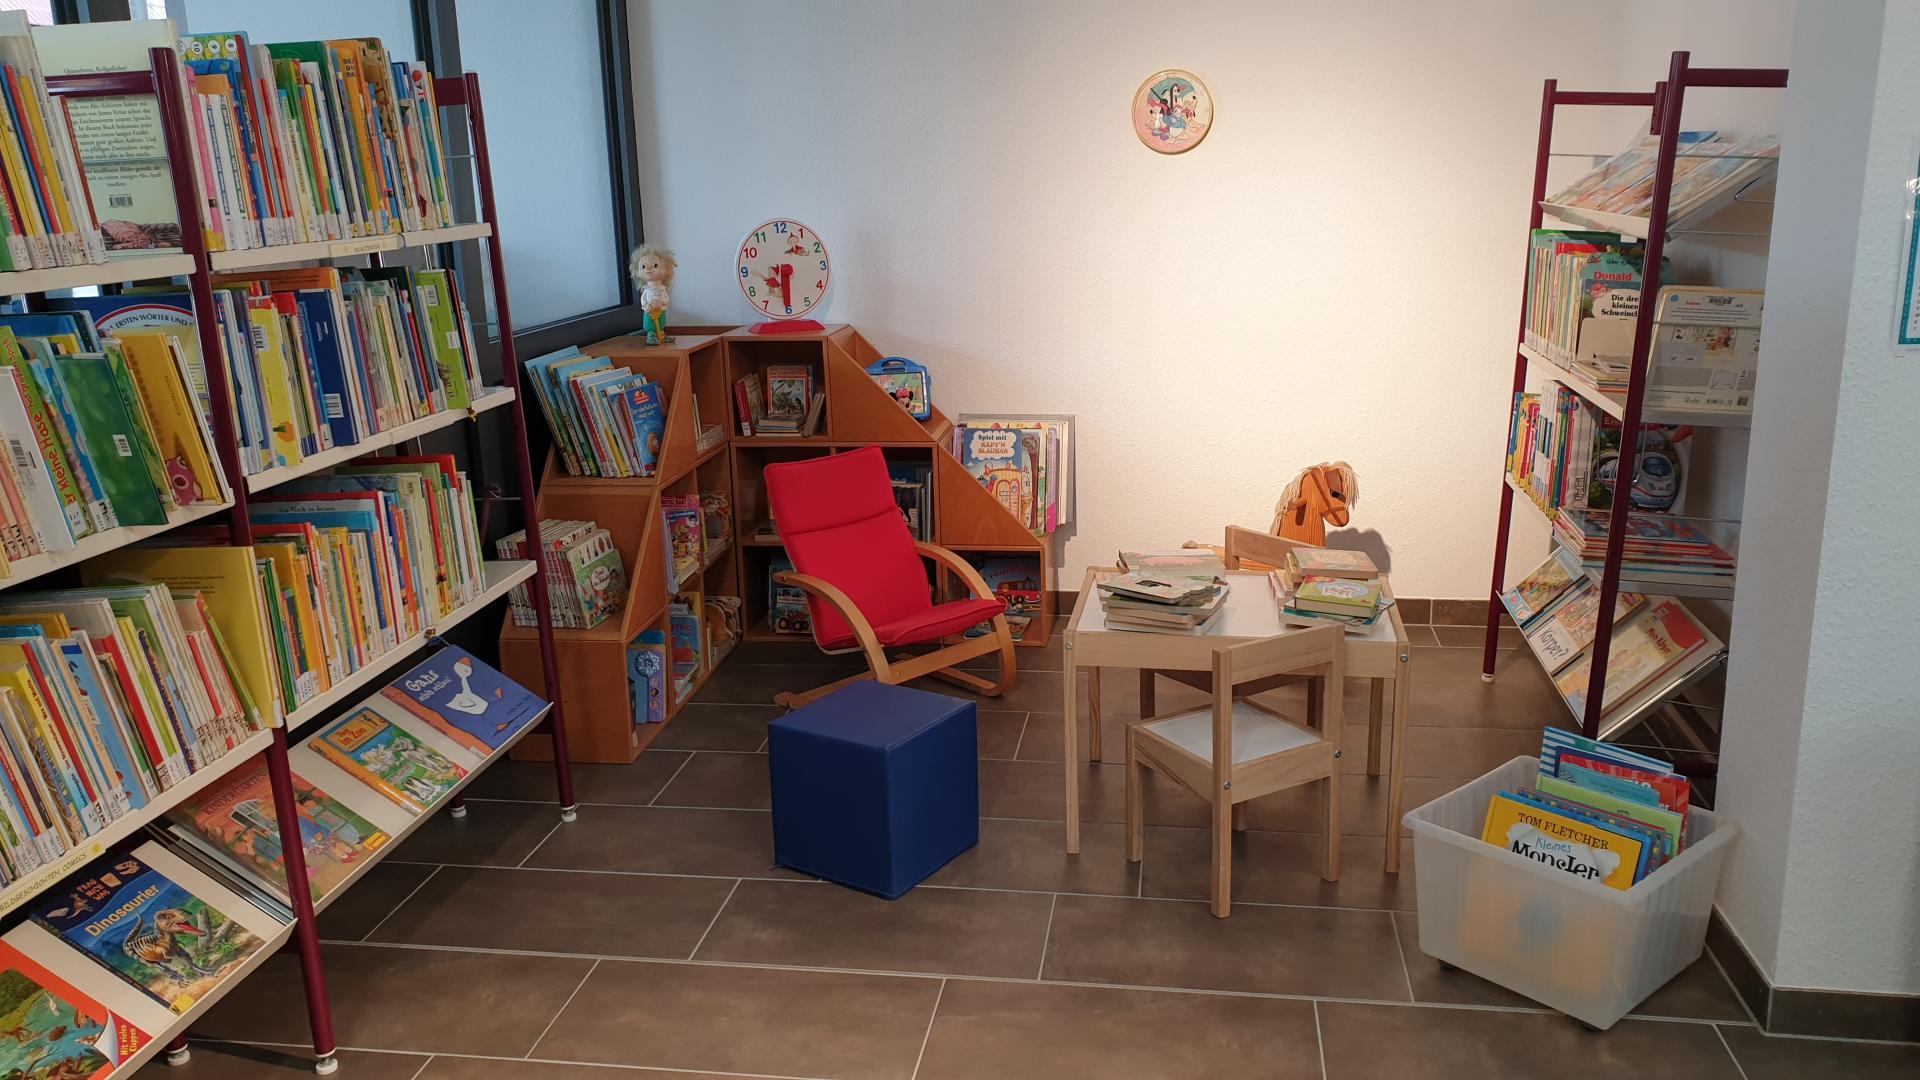 Stadtbibliothek Treuenbrietzen Kinderleseecke (Foto: Stadtverwaltung Treuenbrietzen)